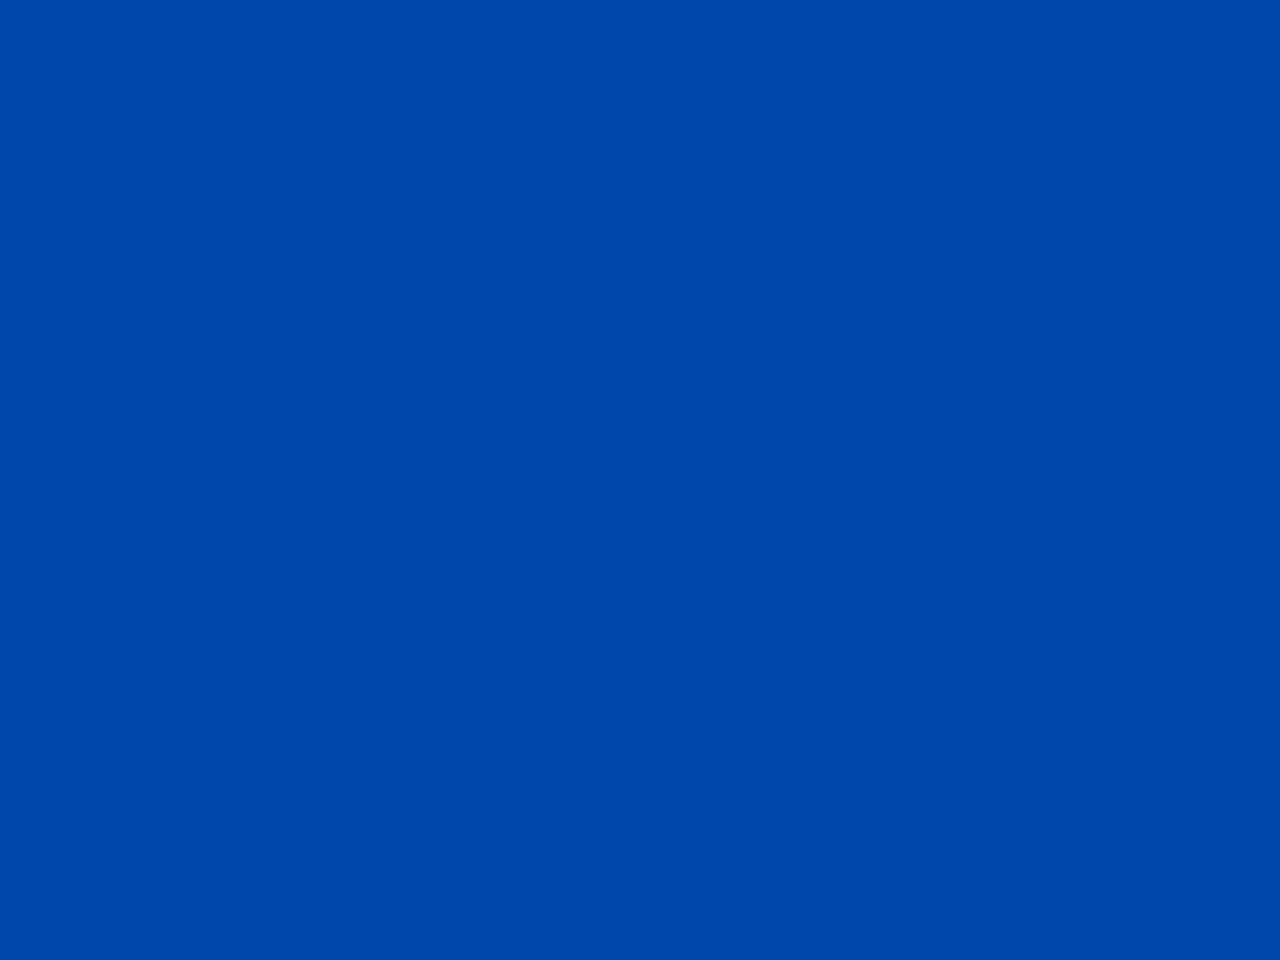 1280x960 Cobalt Solid Color Background